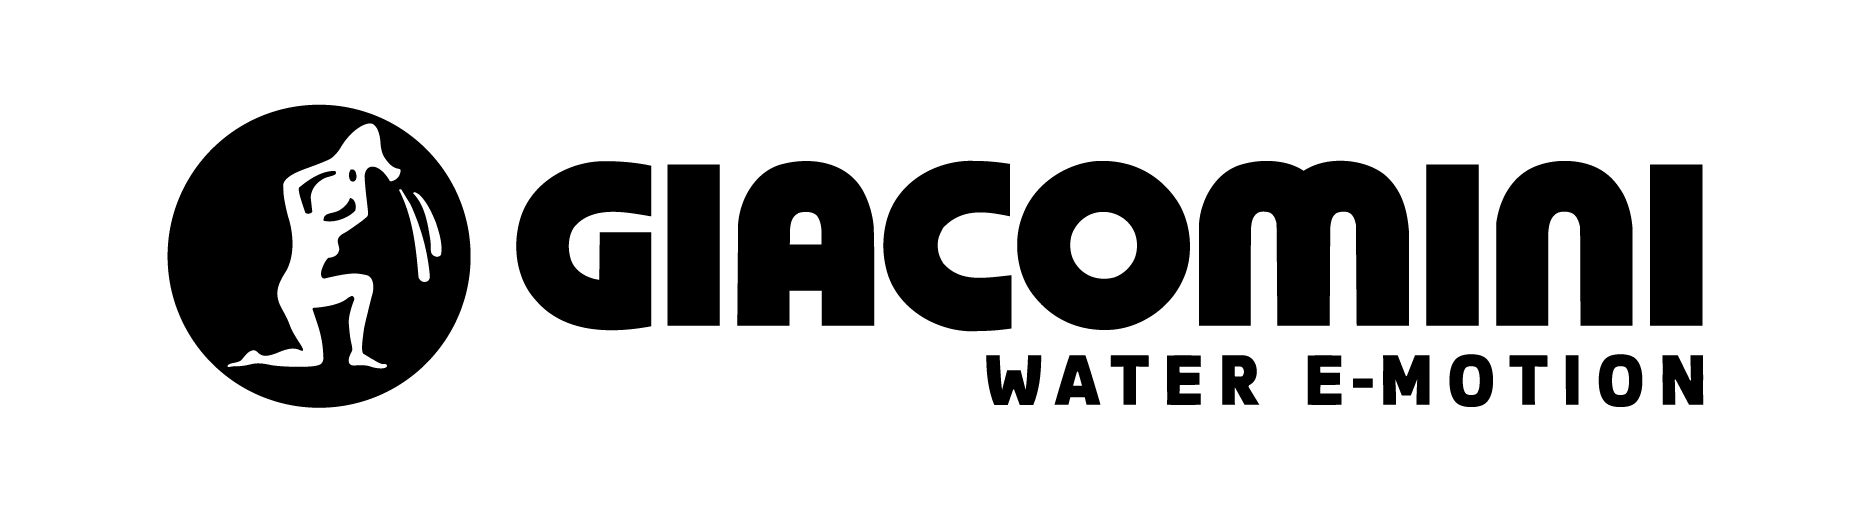 giacomini